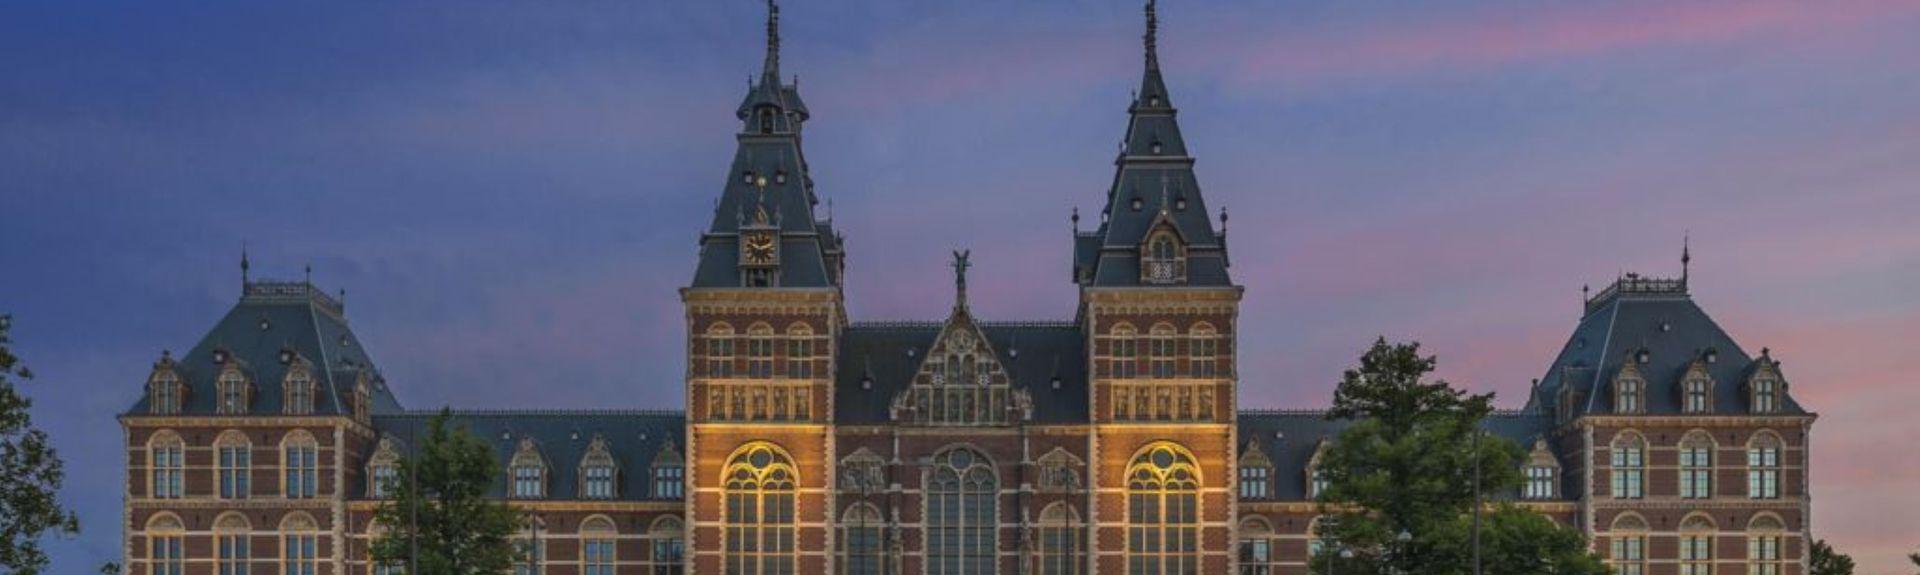 Stadtzentrum von Amsterdam, Amsterdam, Nordholland, Niederlande